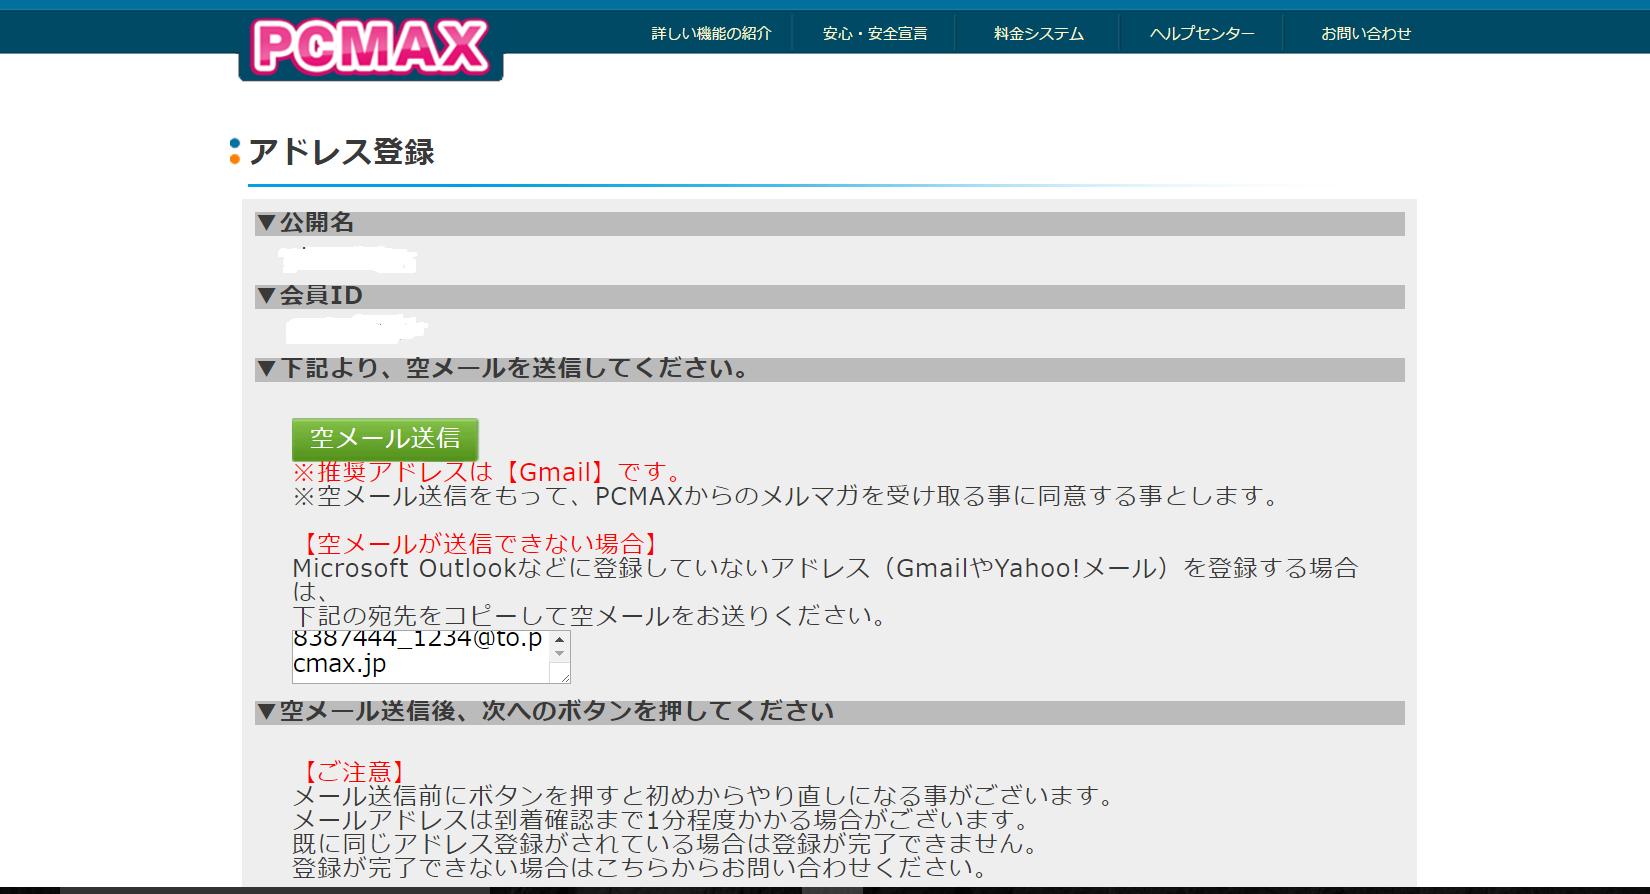 PCMAX登録 空メール